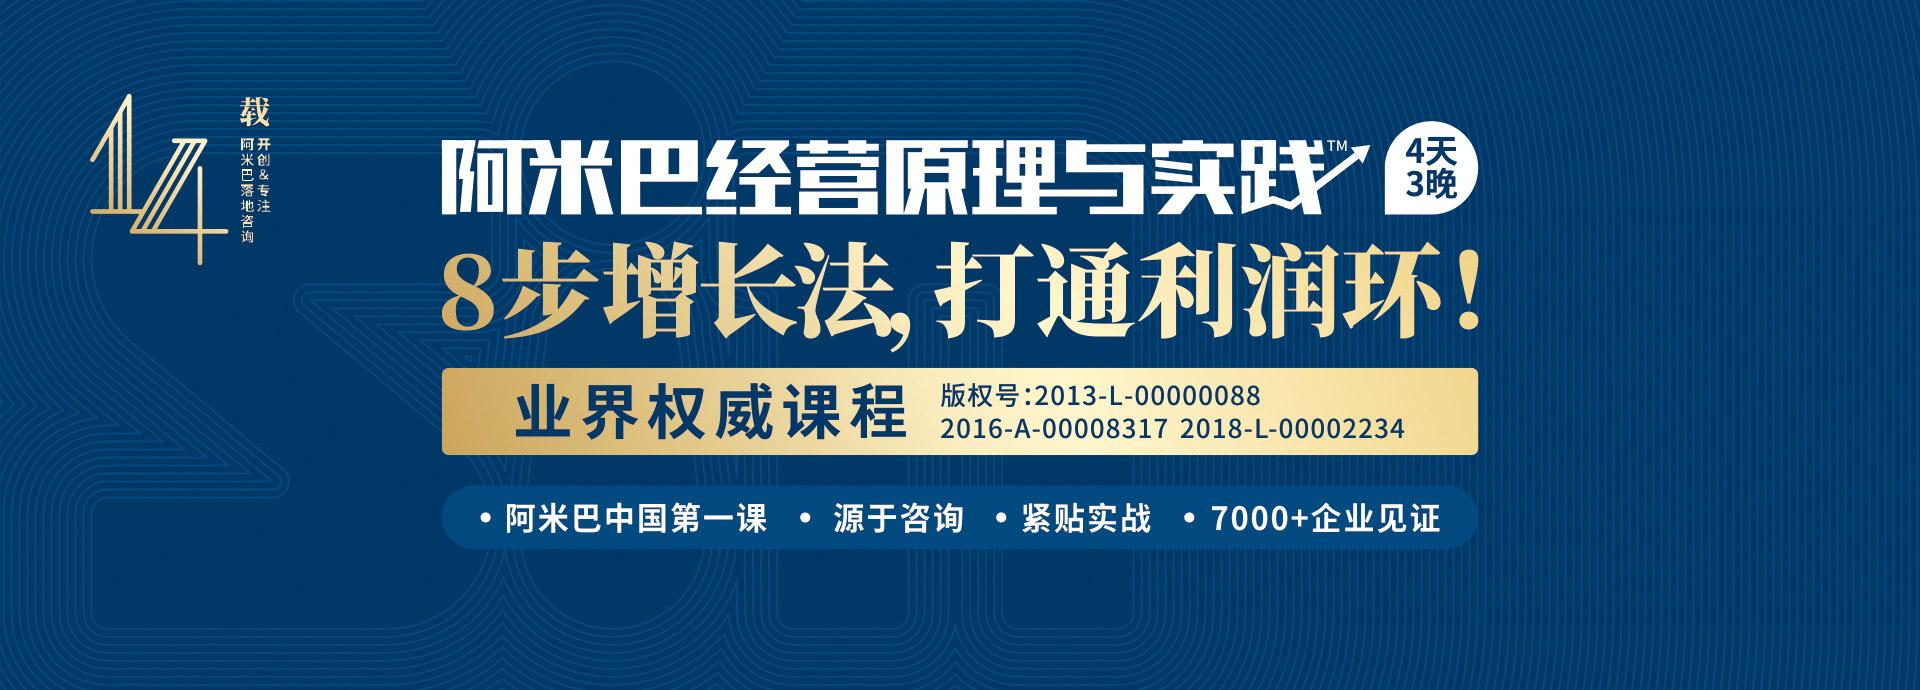 广州道成咨询-阿米巴版权培训课程-阿米巴原理课banner